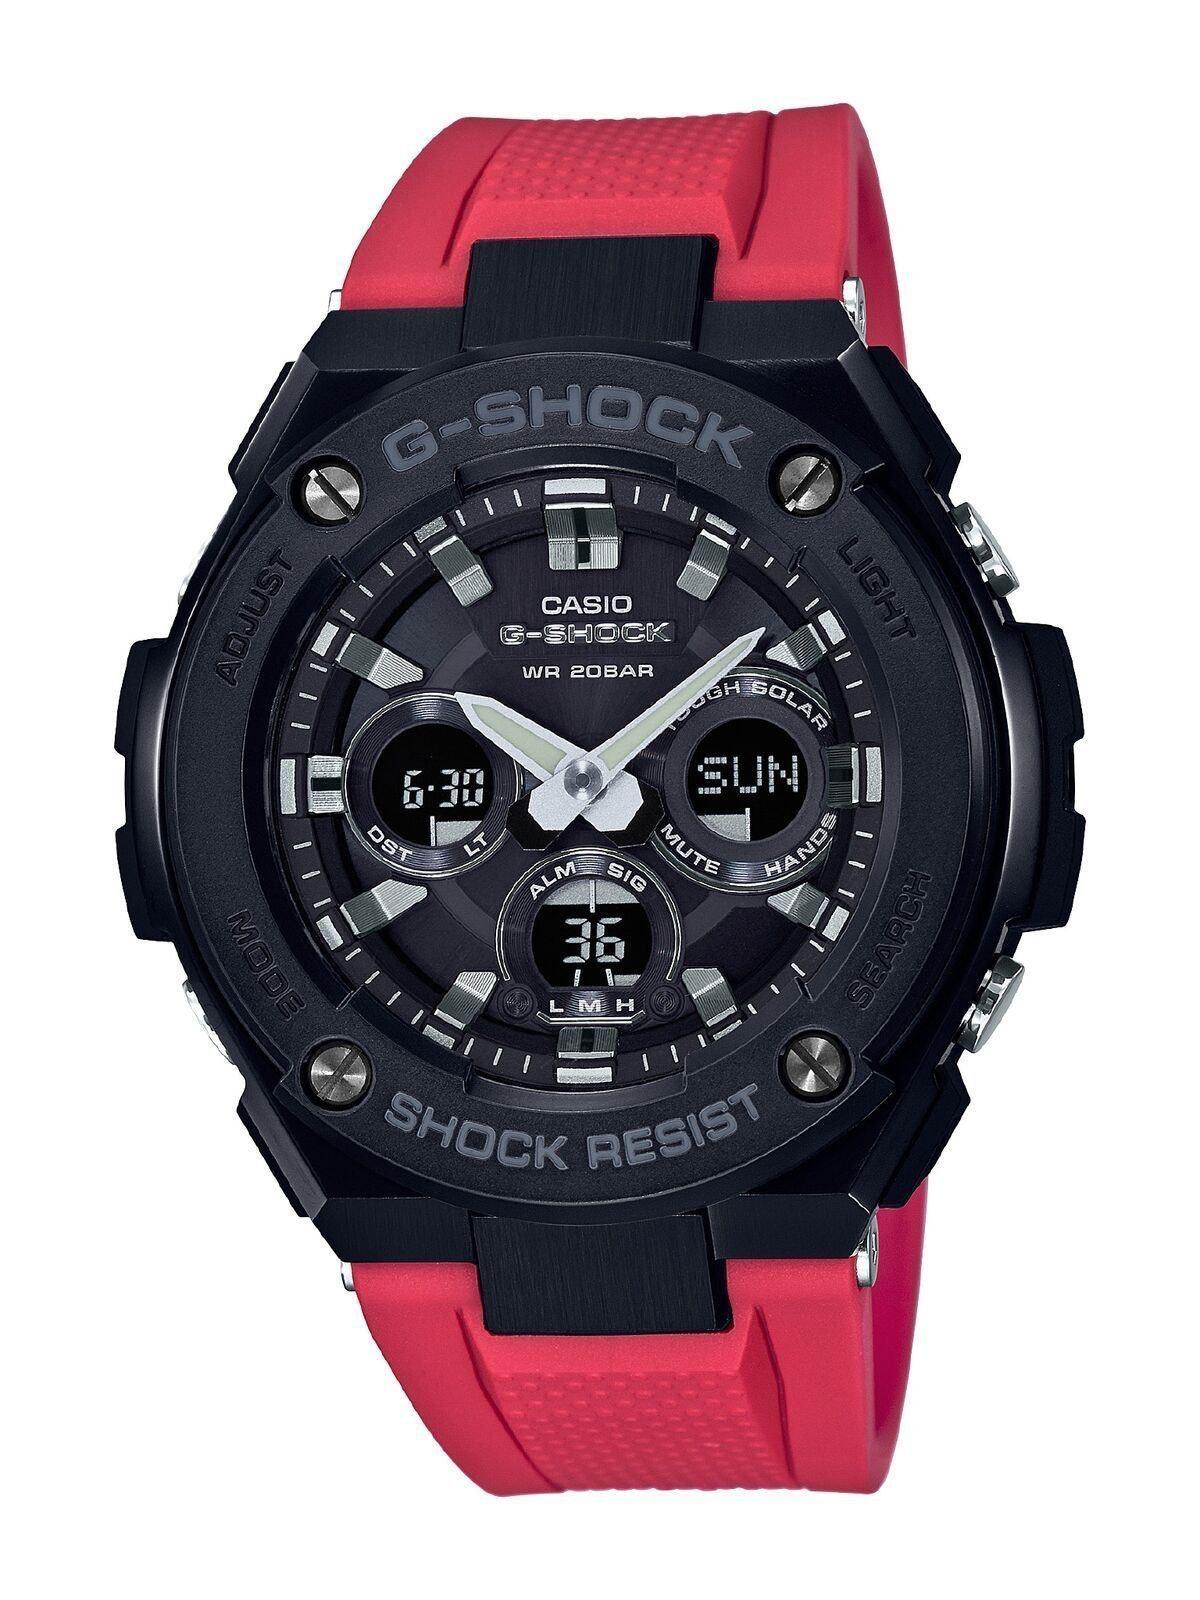 Casio G-Shock G Steel GSTS300G-1A4